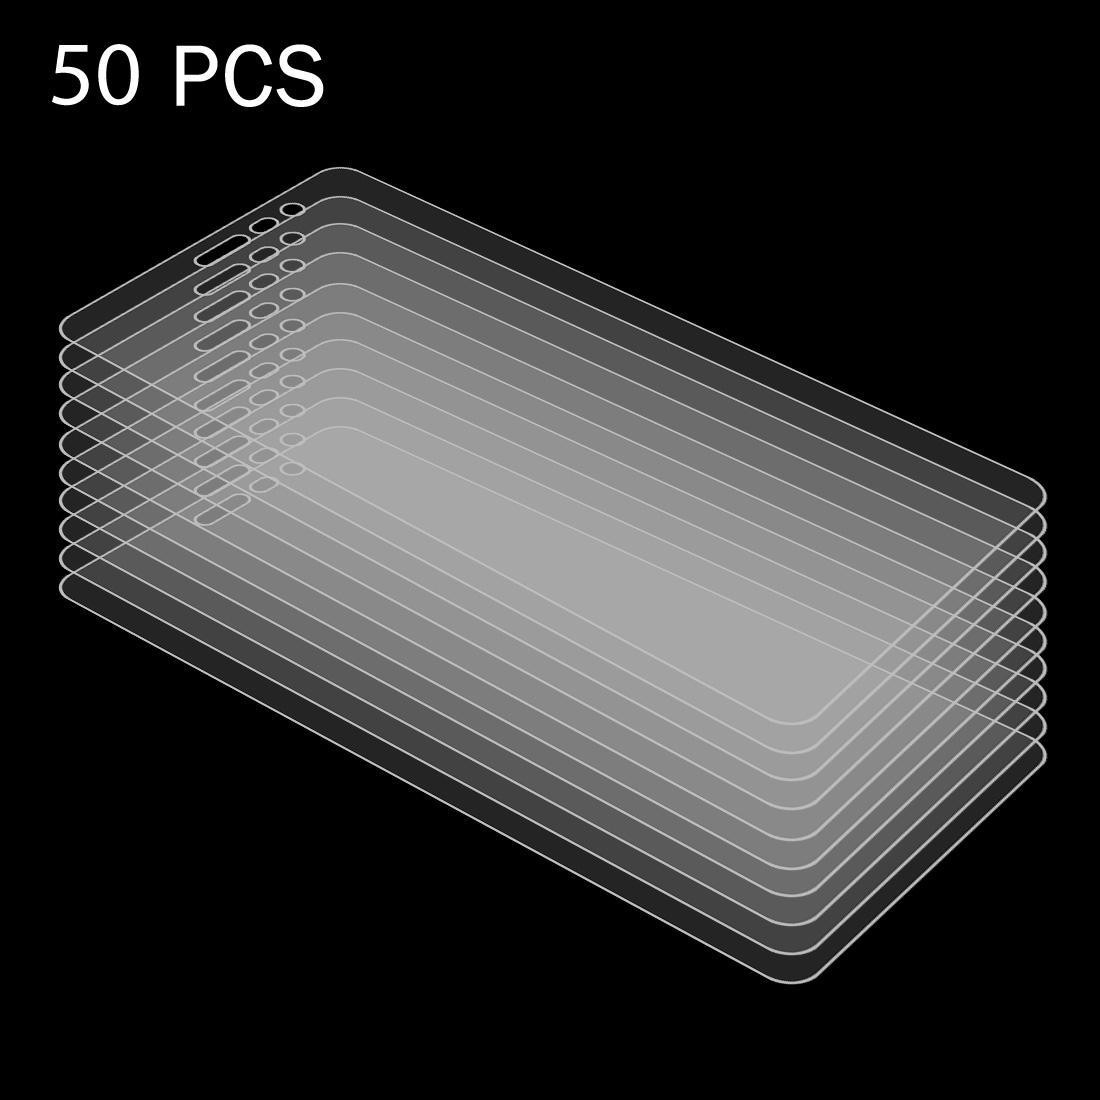 Xiaomi redmi Not 3 0.26 9H yüzey sertliği 2.5D Patlamaya dayanıklı temperli cam Film, Resim Perakende Paketi için 50 ADET